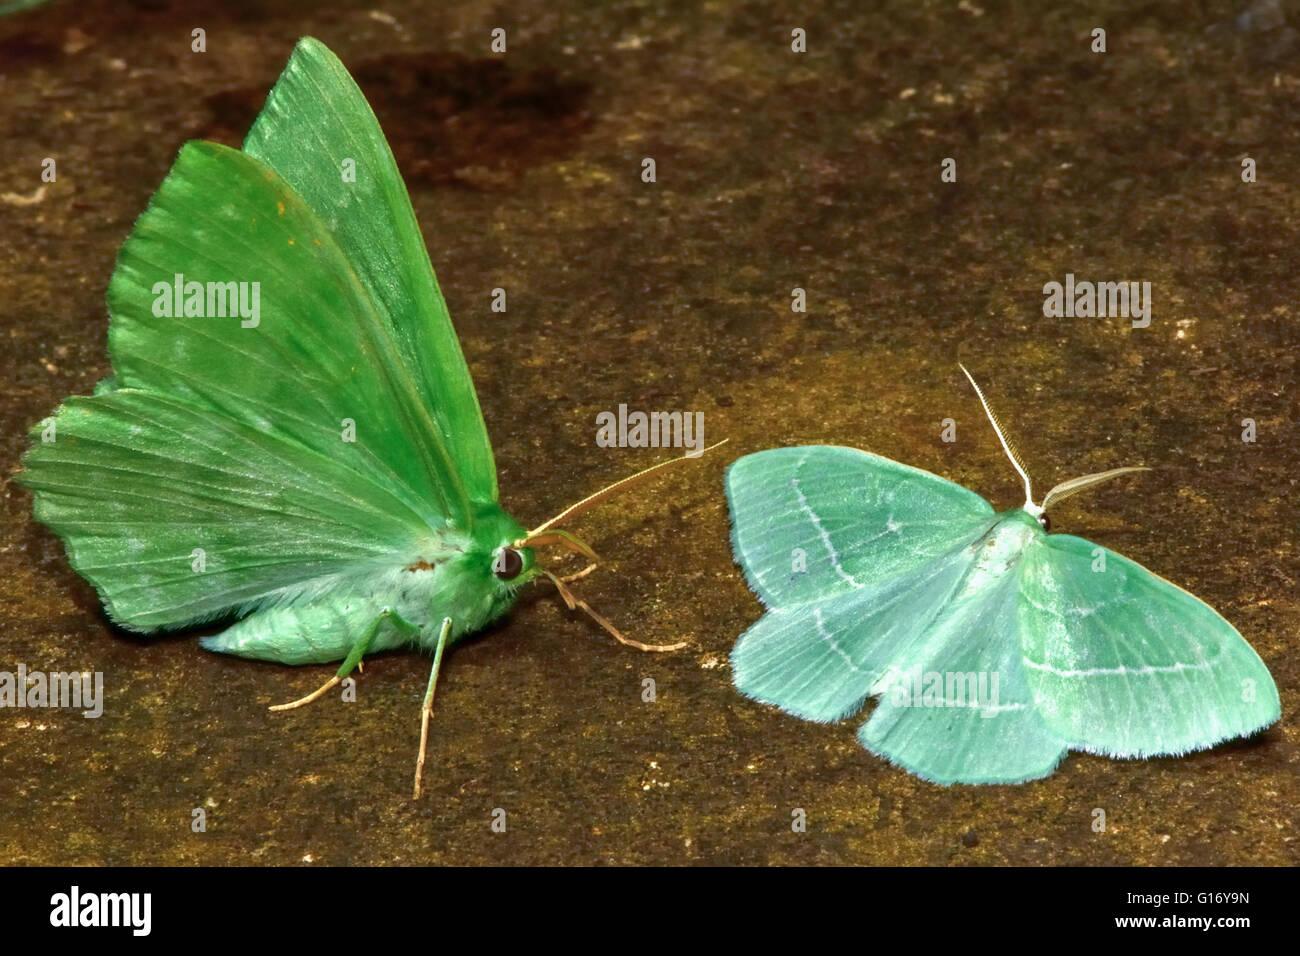 Großer Smaragd (Geometra Papilionaria) und kleinen Smaragd (Jodis Lactearia). Britische Insekt in der Familie Stockbild